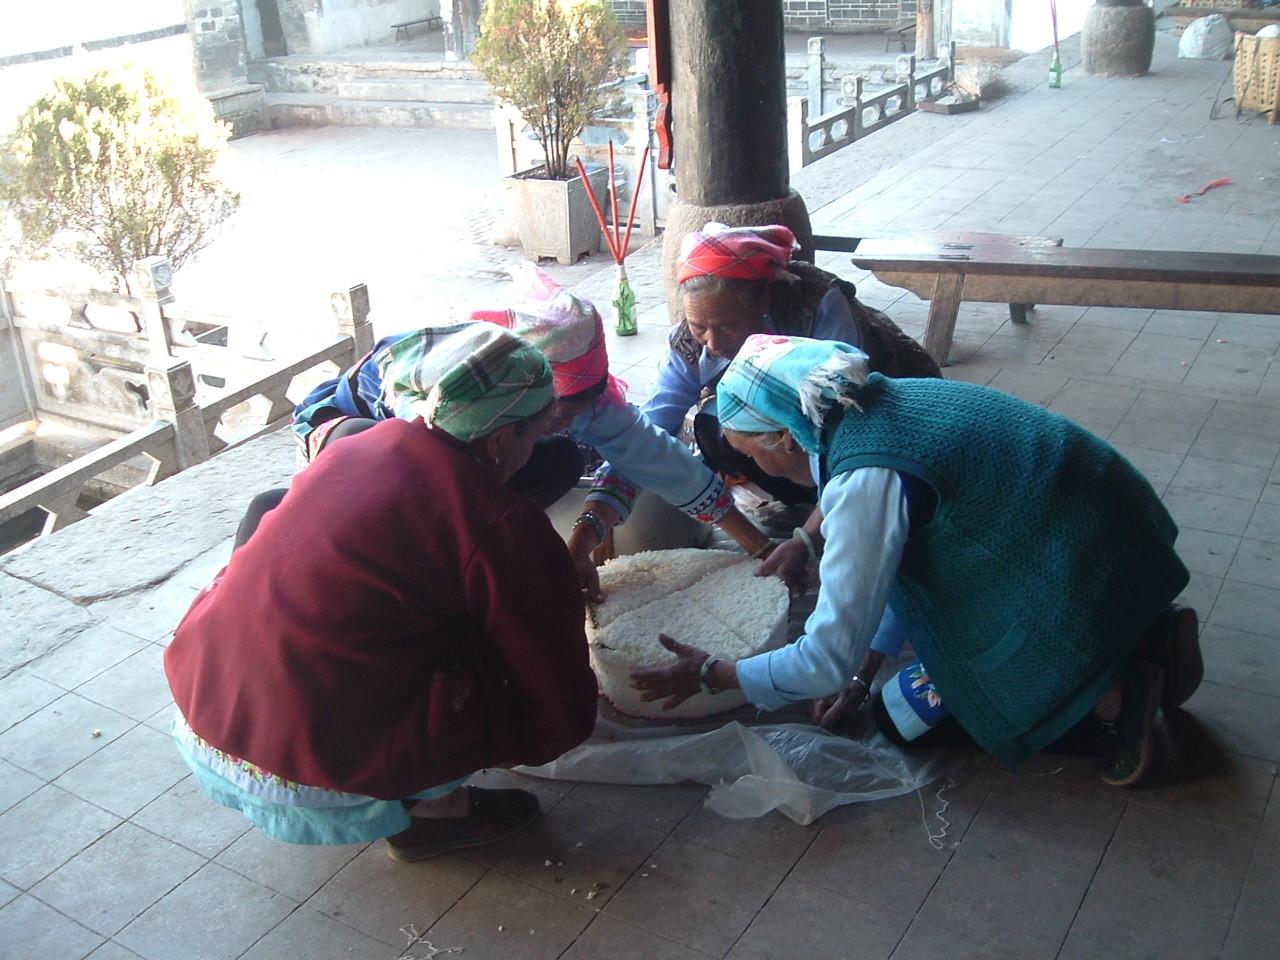 f:id:huixing:20111206045233j:image